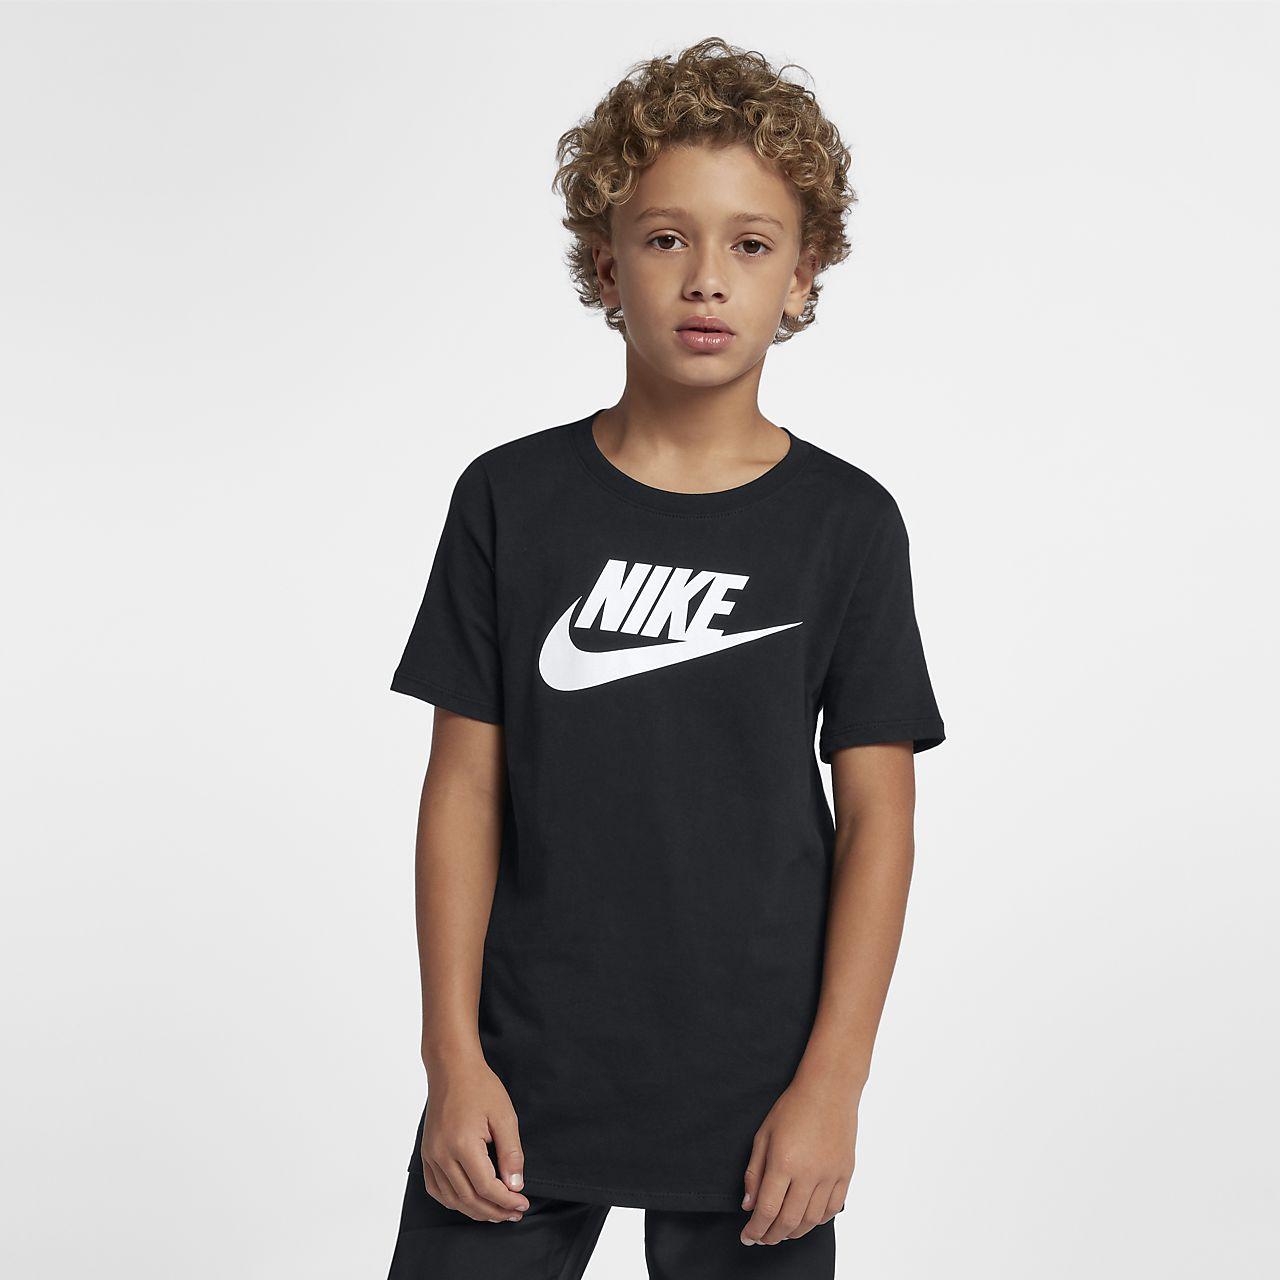 1a5faaff7a6f Nike Futura Icon Boys  T-Shirt. Nike.com ZA